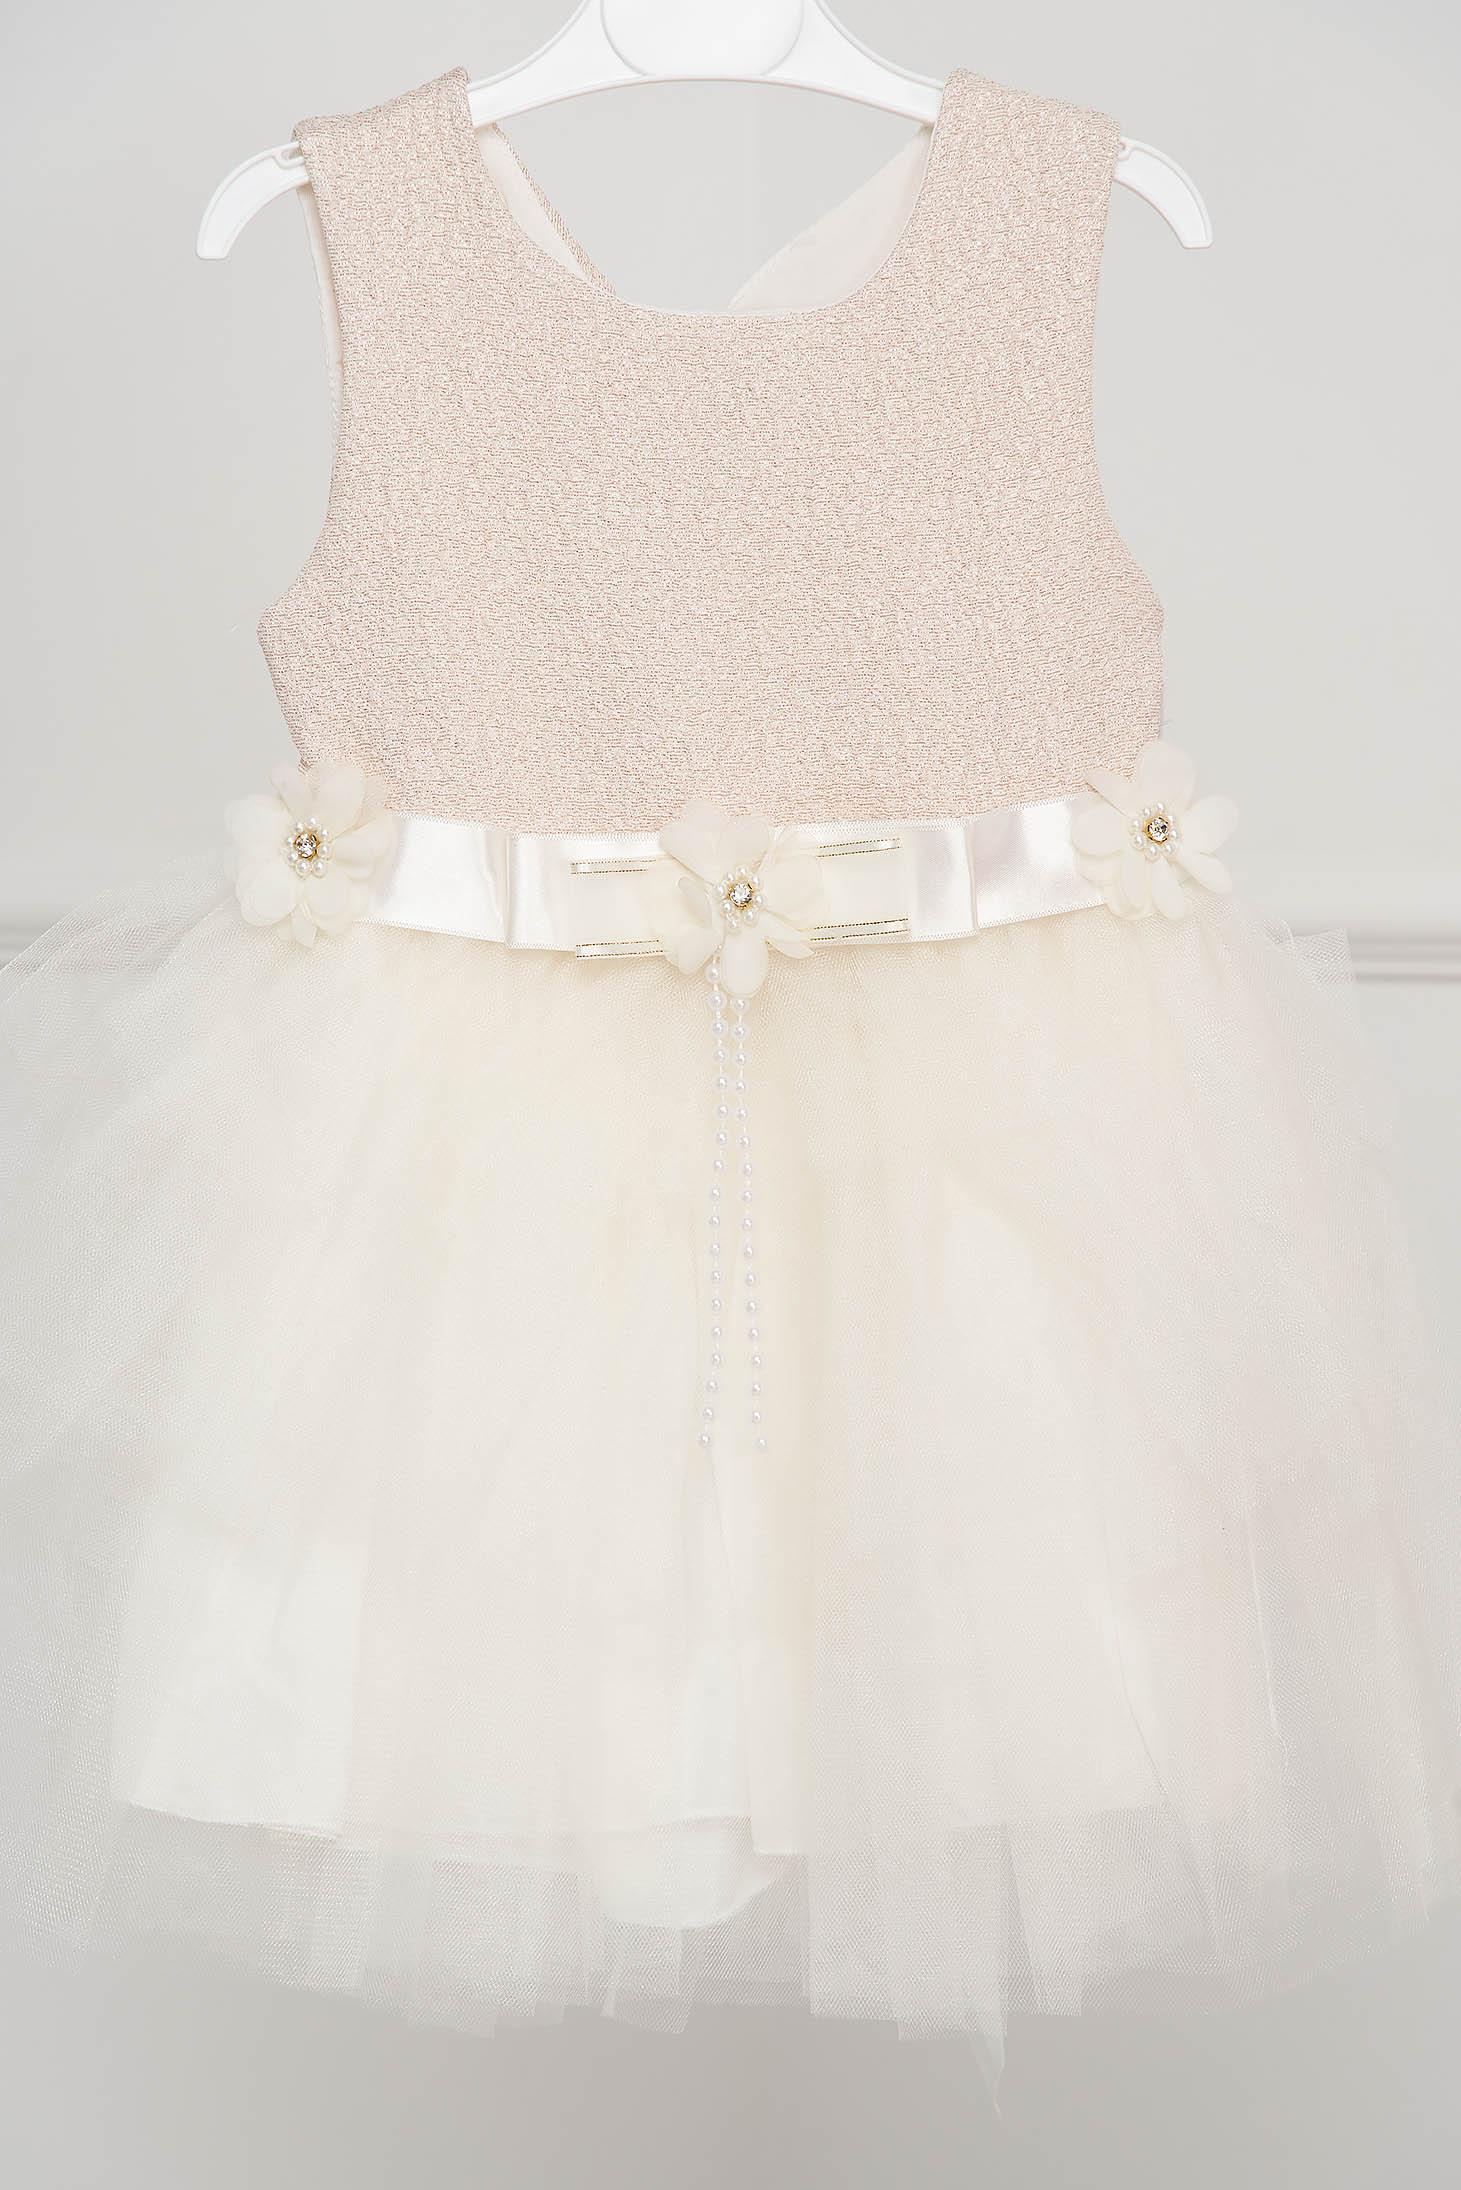 Rochie pentru fetite ivoire de ocazie in clos din tul accesorizata cu brose si cordon tip panglica